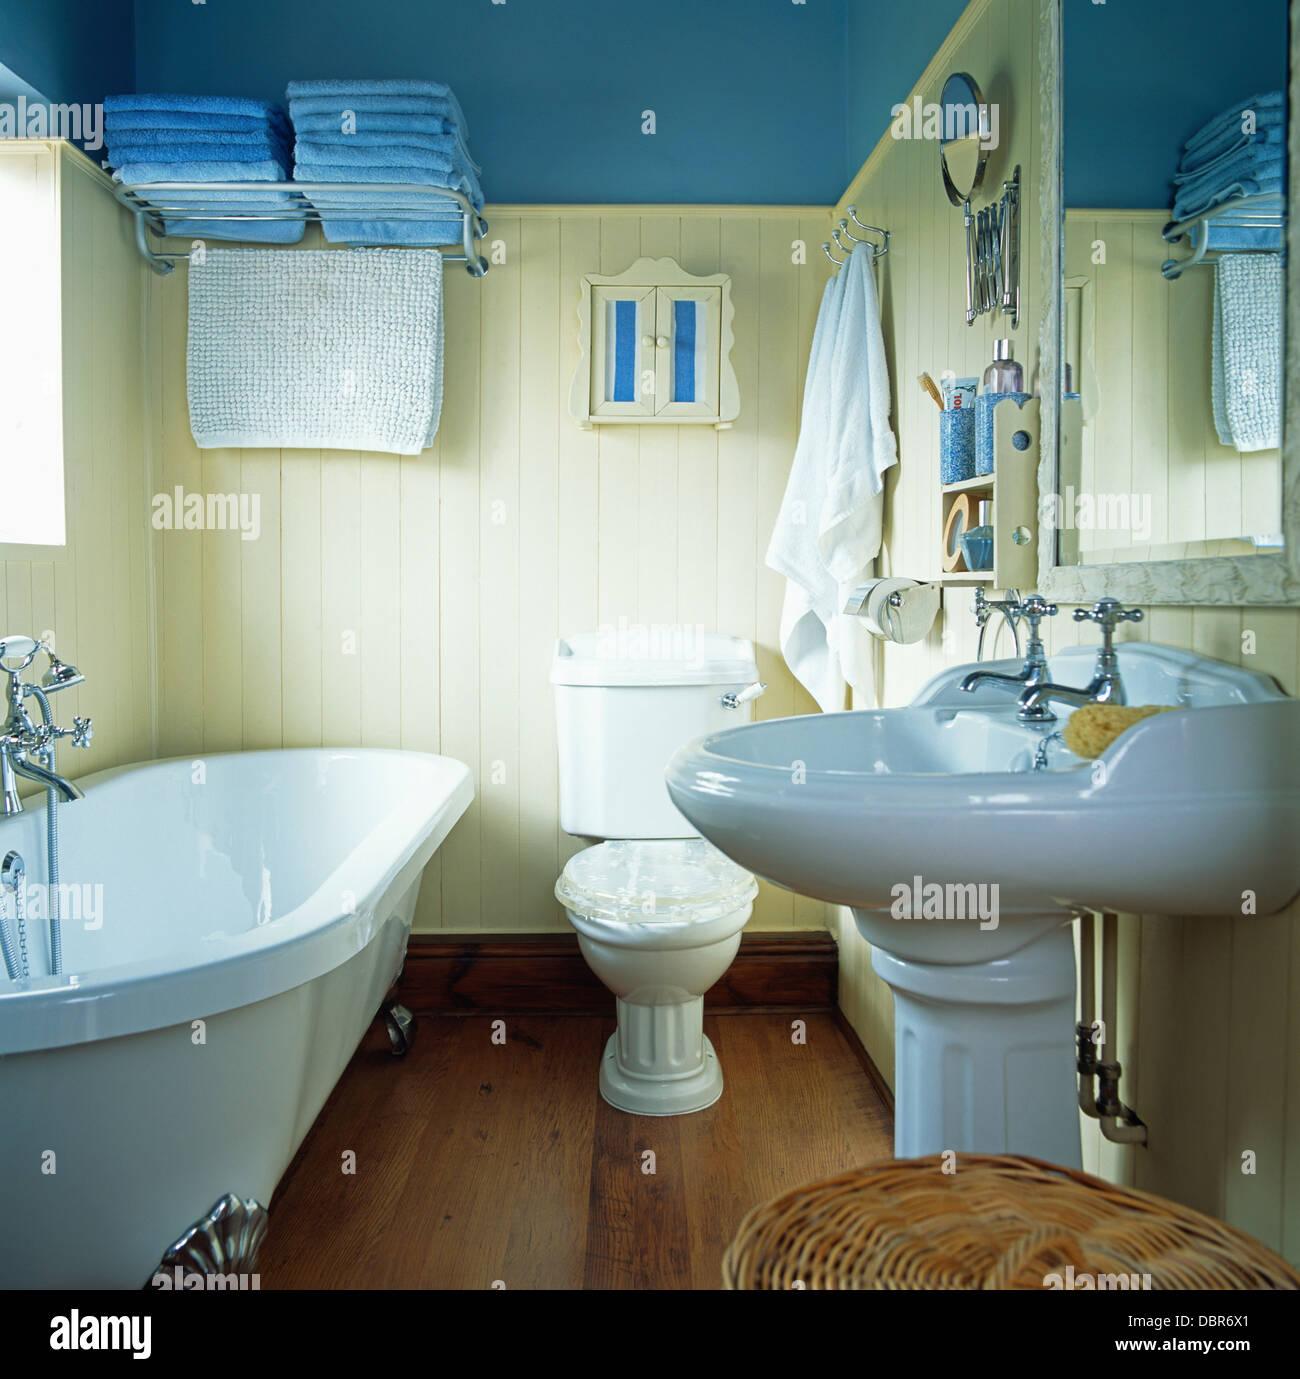 Kralle Fussbad Im Blauen Badezimmer Mit Blauen Tüchern Auf Chrom Regal An  Weiße Zunge + Nut Getäfelten Wand